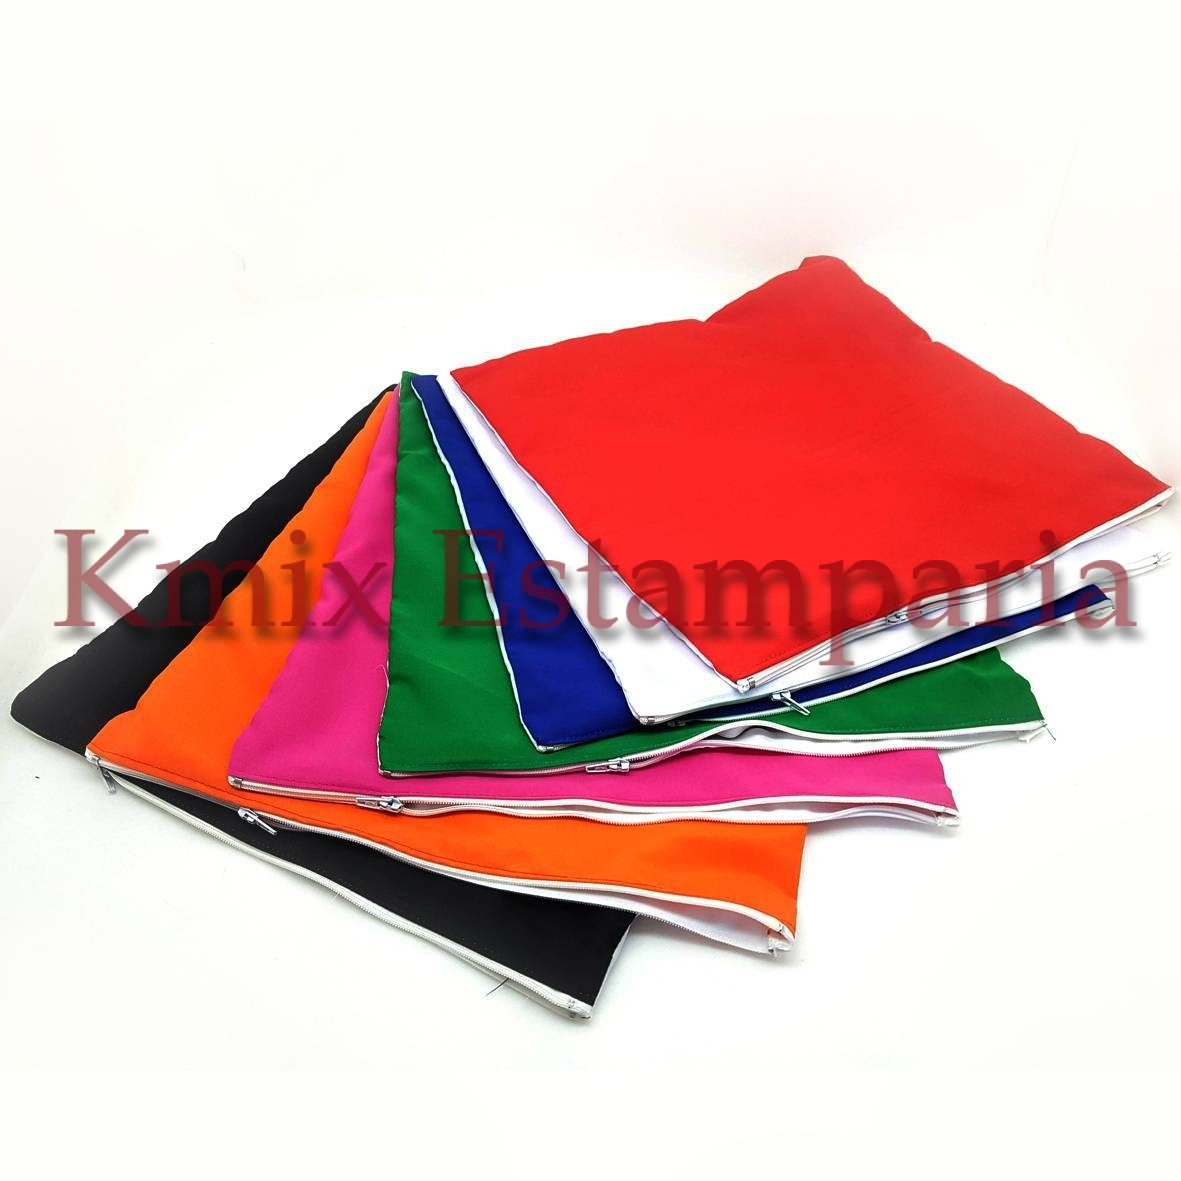 Capas 40x40 cm para sublimação com ziper (pedido minimo 10 p - kmix estamparia